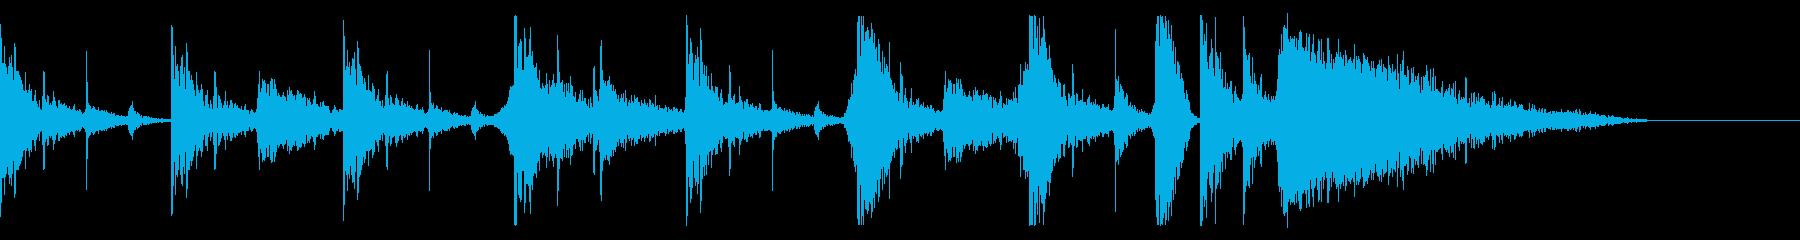 ミュージカル、パーカッシブ、リズミ...の再生済みの波形